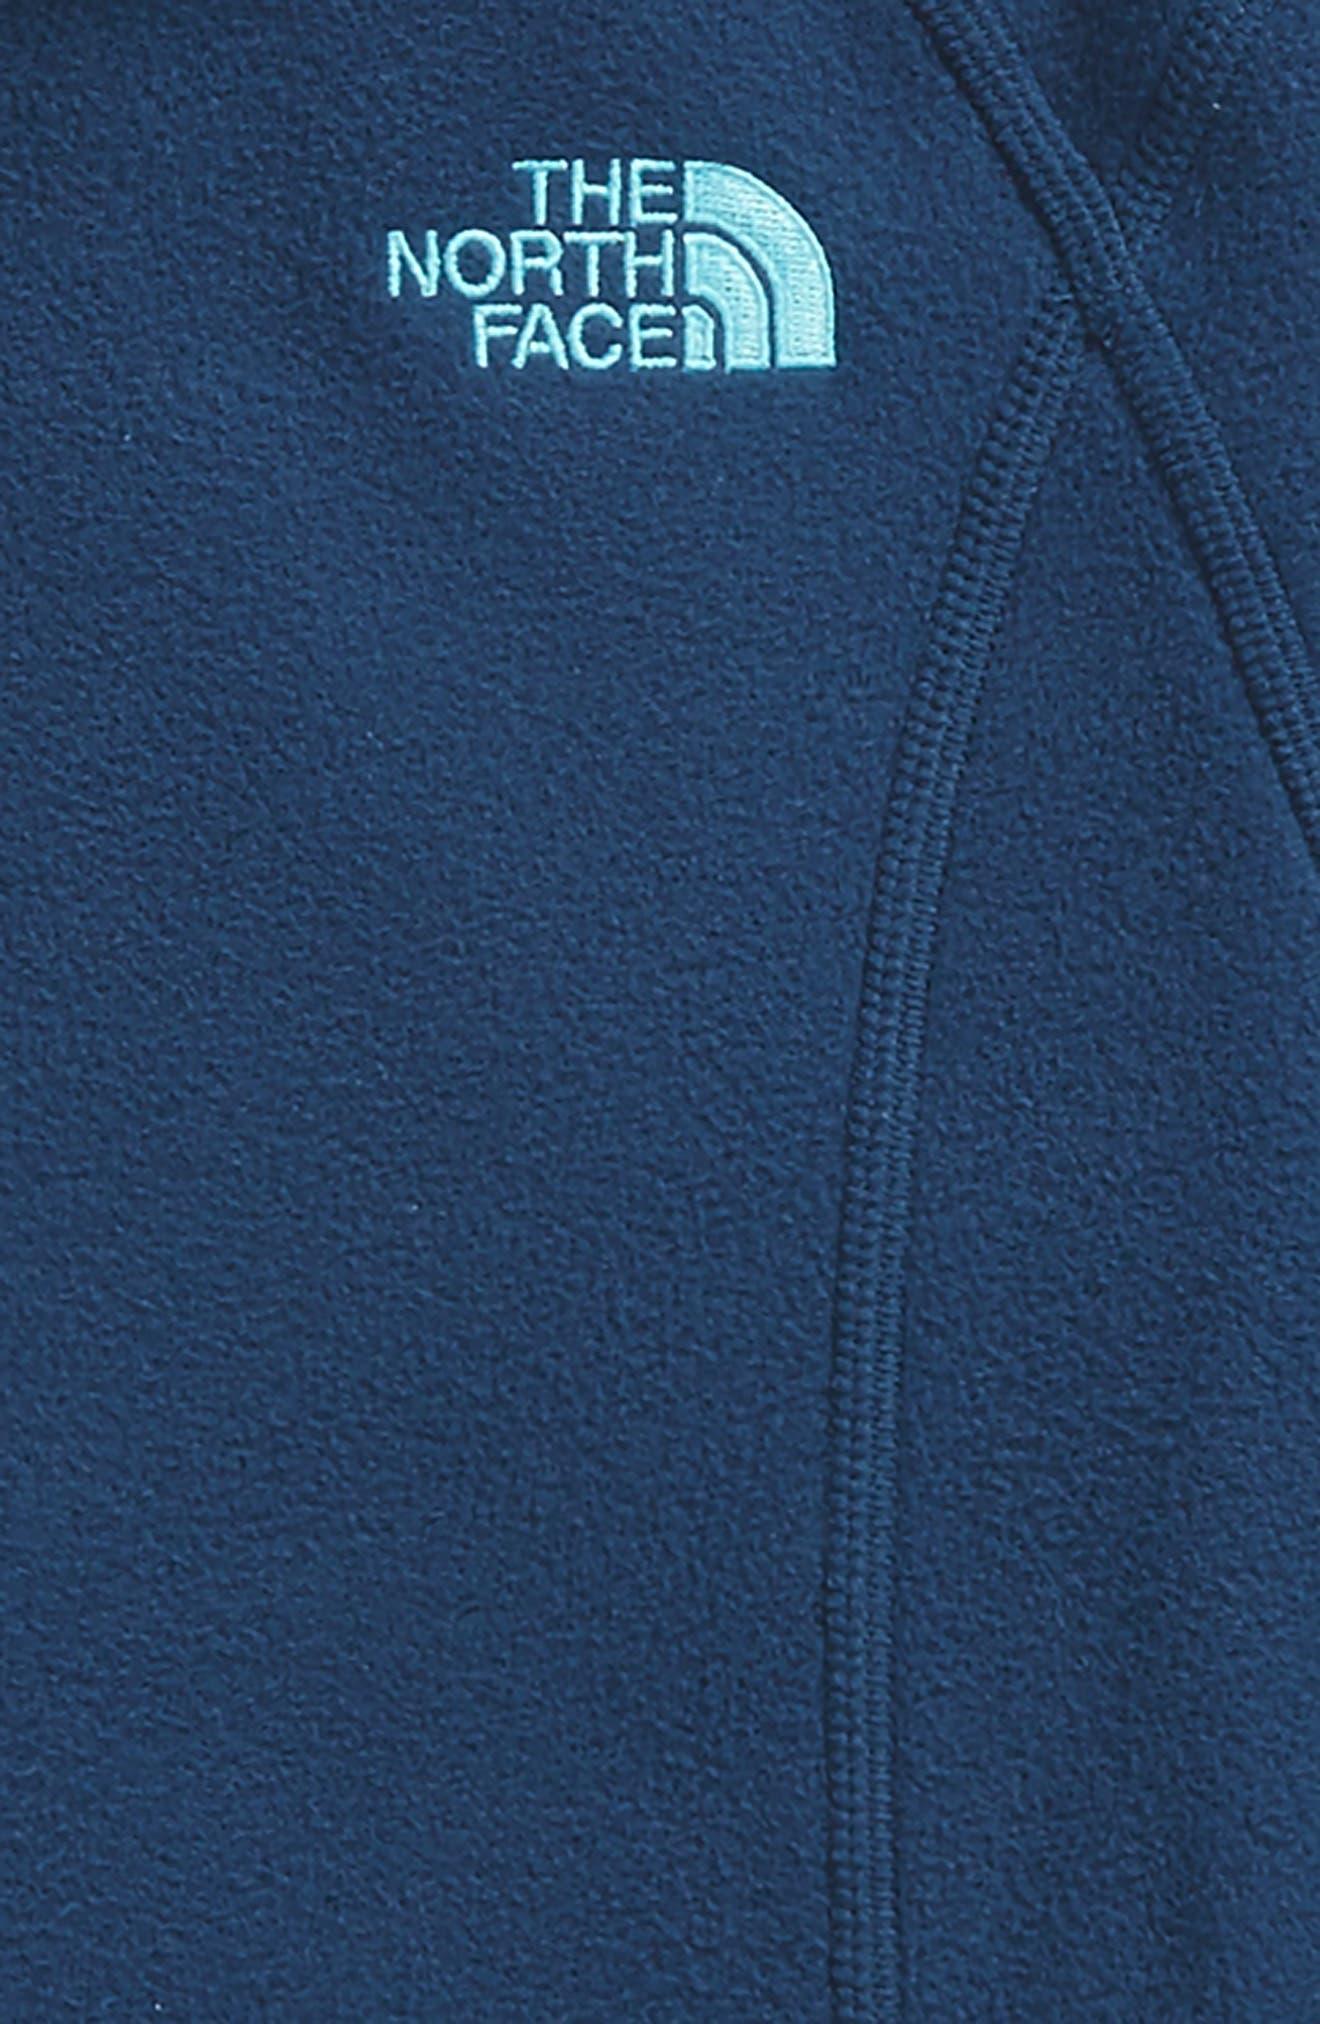 Glacier Full Zip Fleece Hoodie,                             Alternate thumbnail 2, color,                             Blue Wing Teal